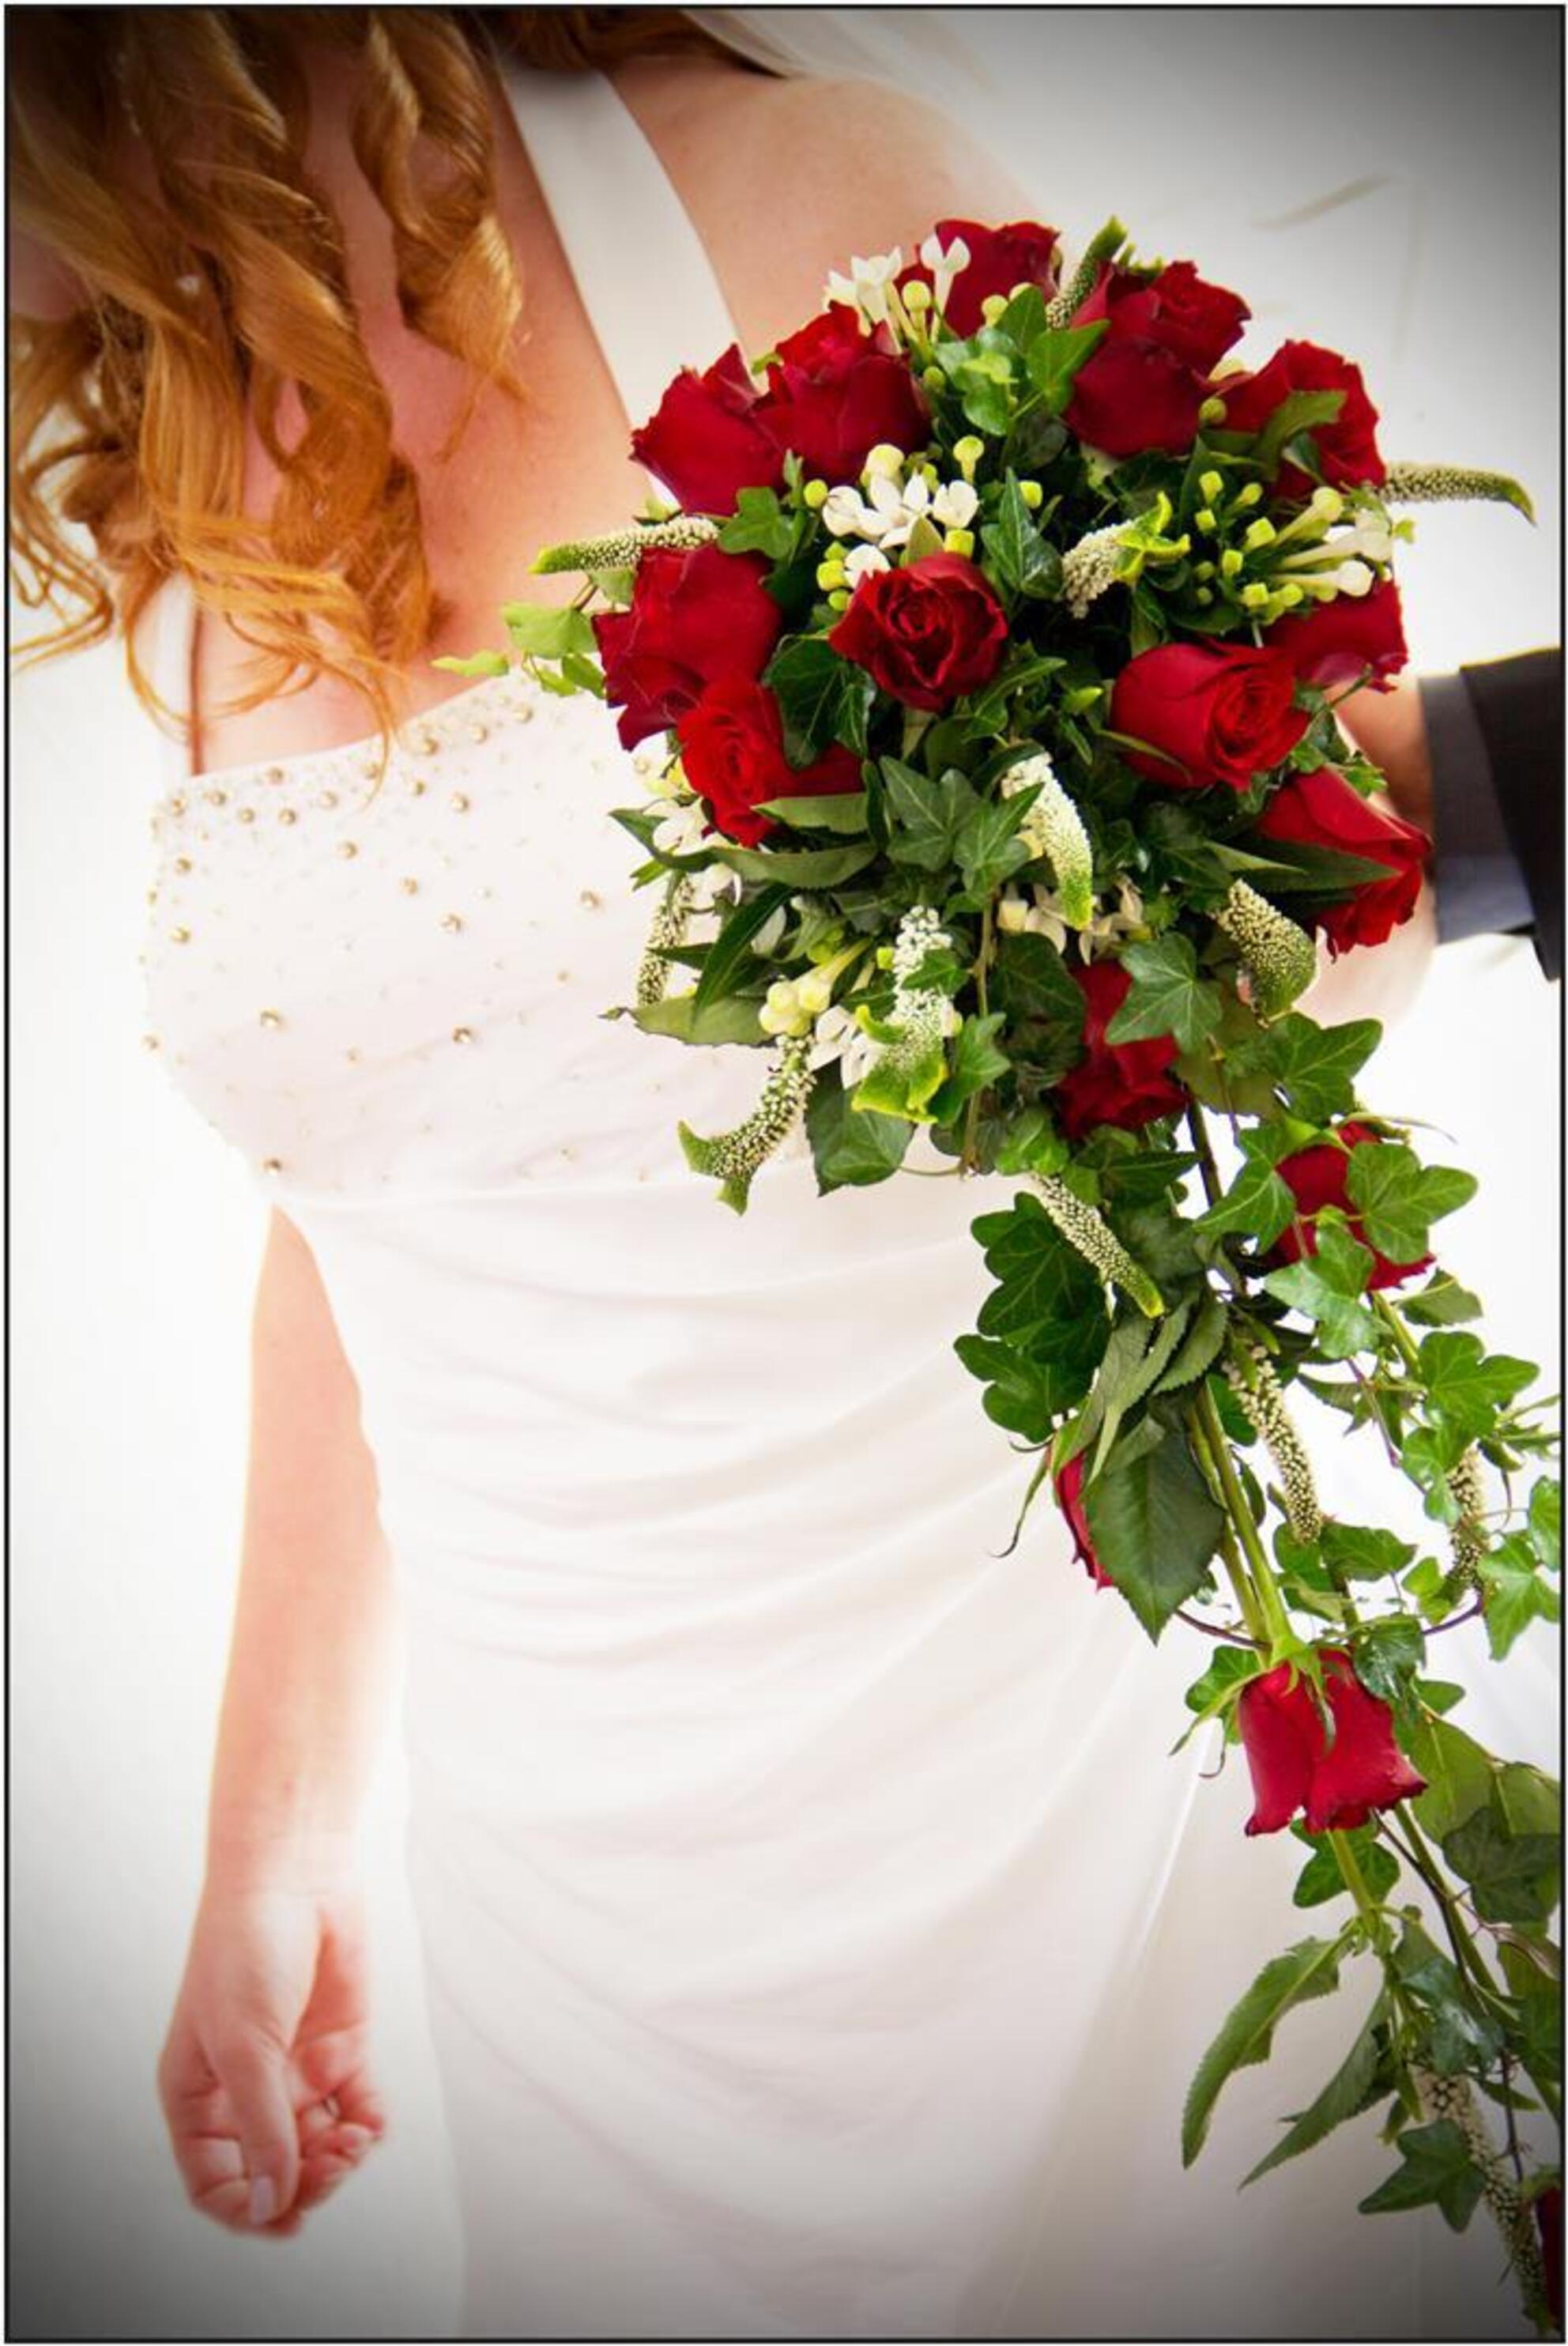 Bruiloft - Dit is geen geposeerde foto, ik heb geprobeer dit soort foto's tussen de bedrijven door te maken en deze is erg leuk gelukt. De bruid, haar jurk, het - foto door marsha2711 op 11-12-2013 - deze foto bevat: boeket, bruid, bruiloft, bruidspaar - Deze foto mag gebruikt worden in een Zoom.nl publicatie